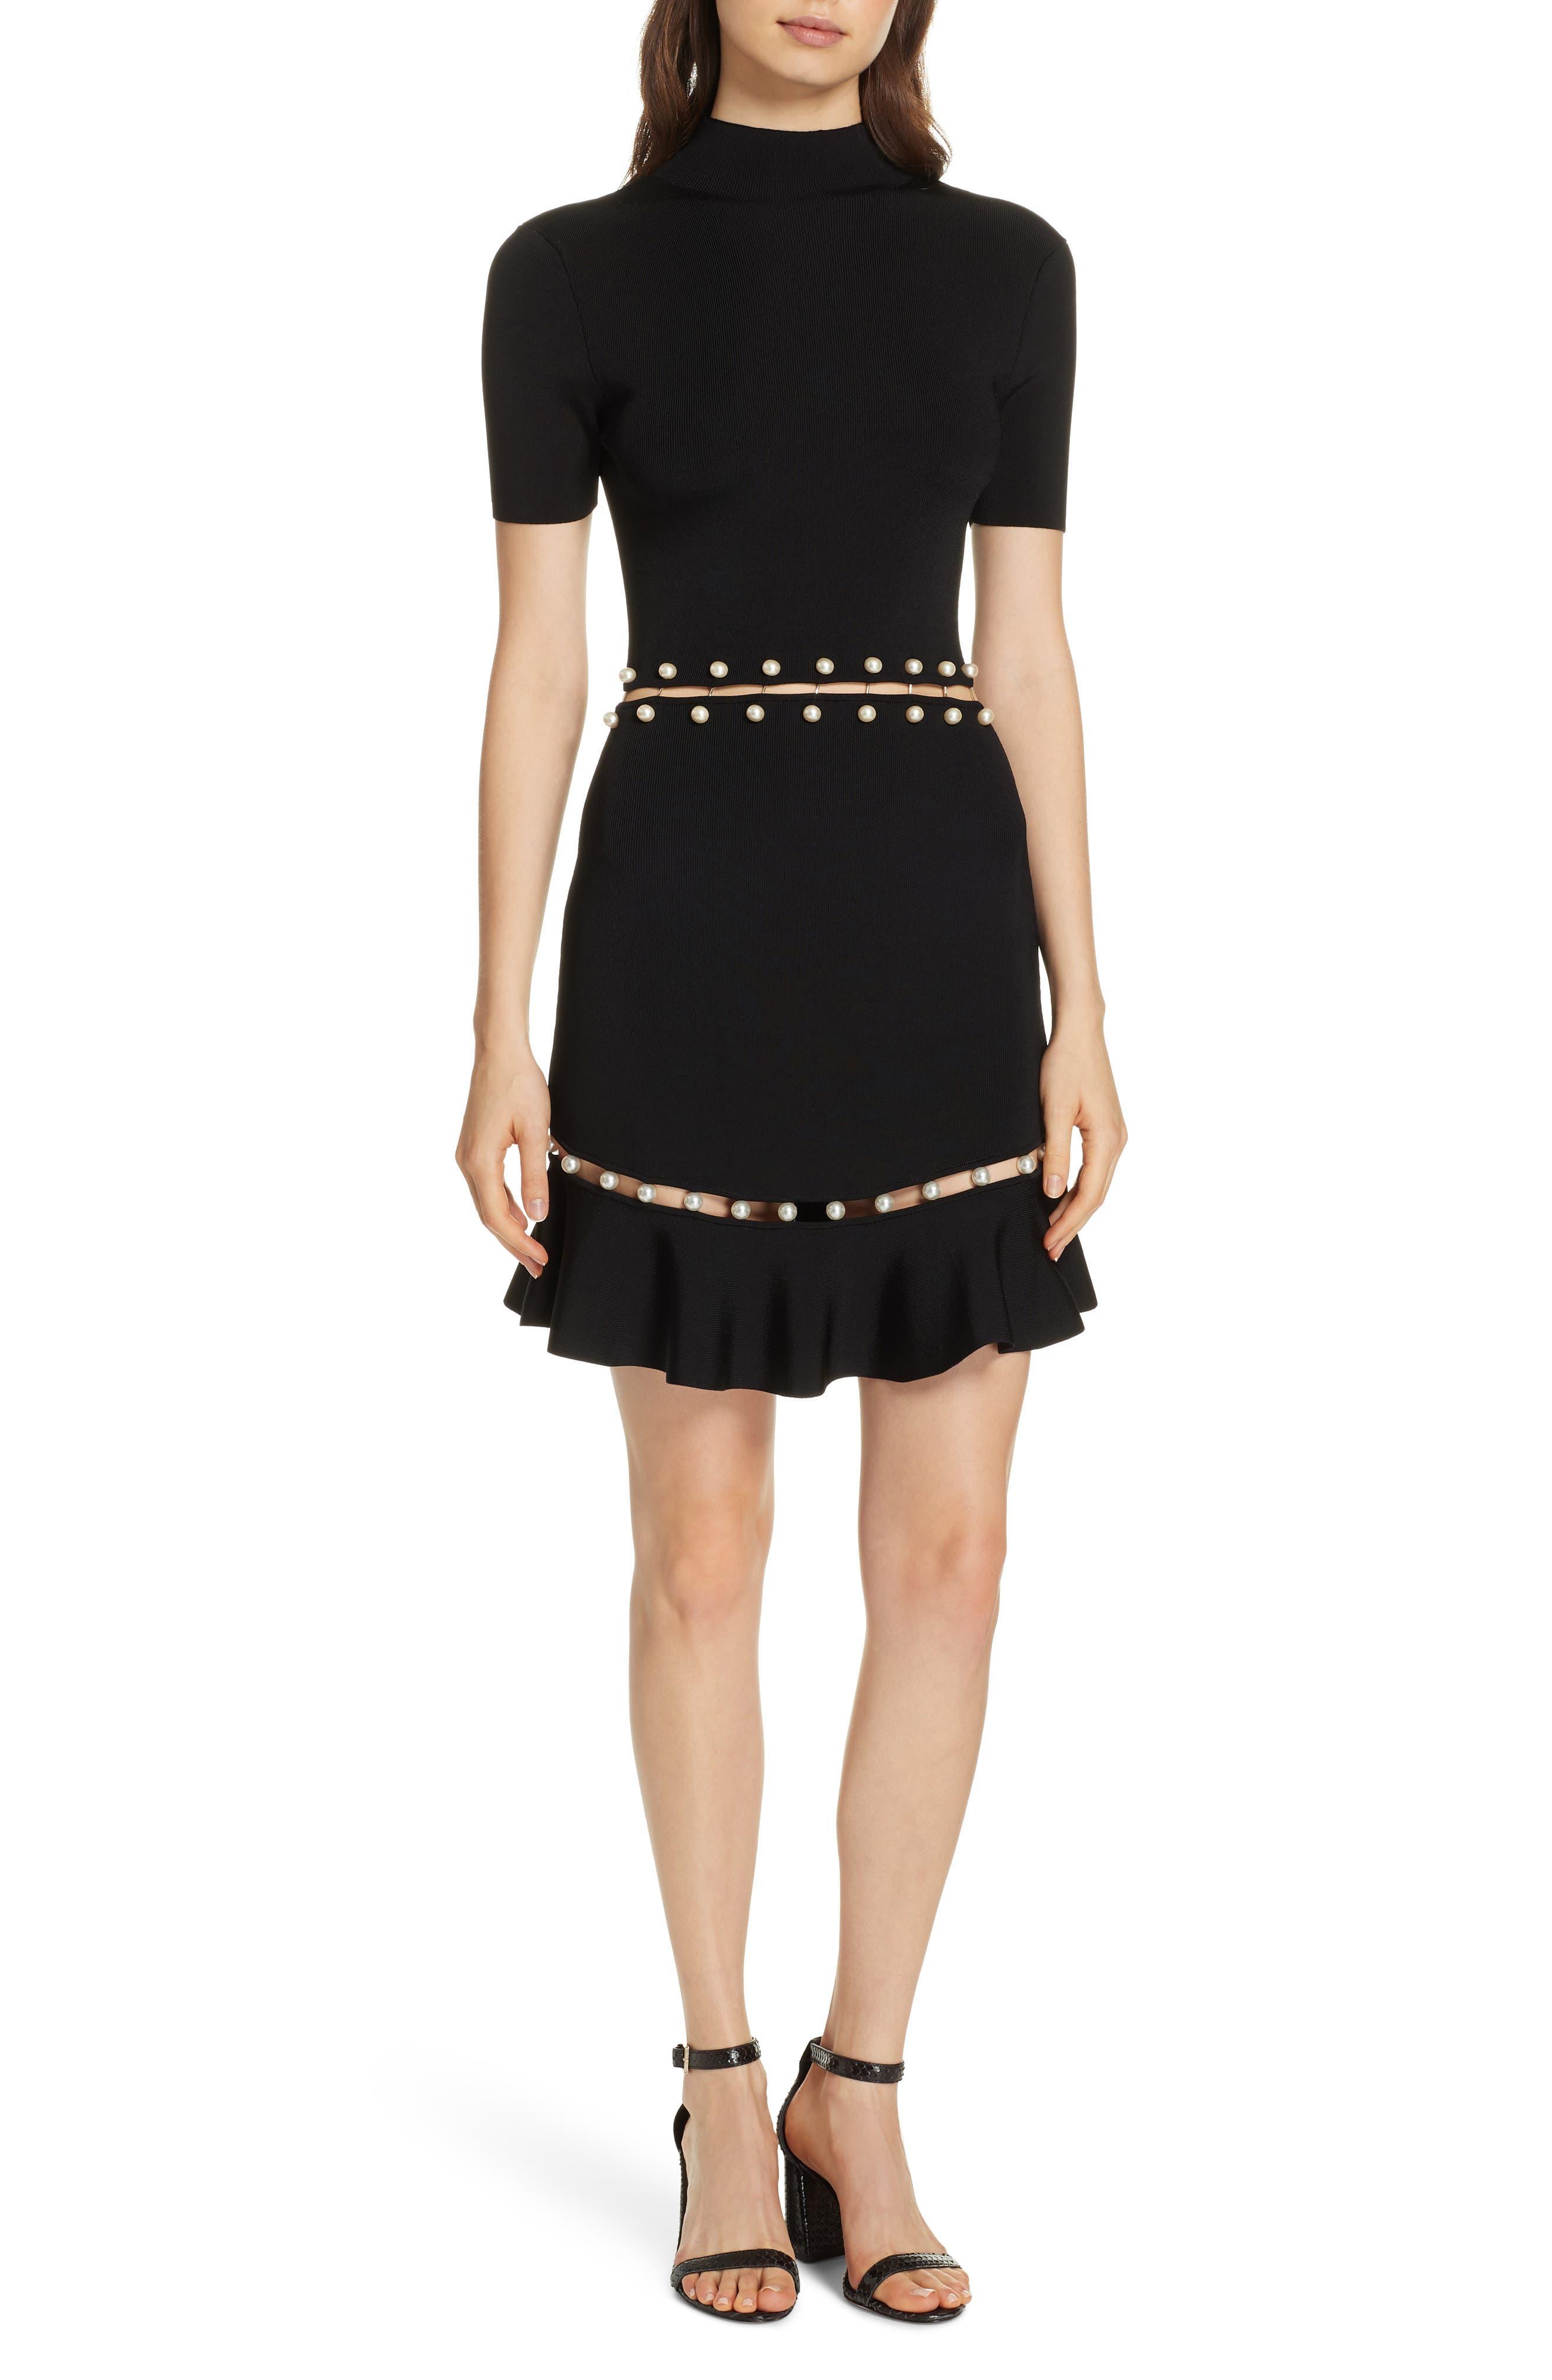 Alice + Olivia Evelyn Embellished Fit & Flare Dress, Black